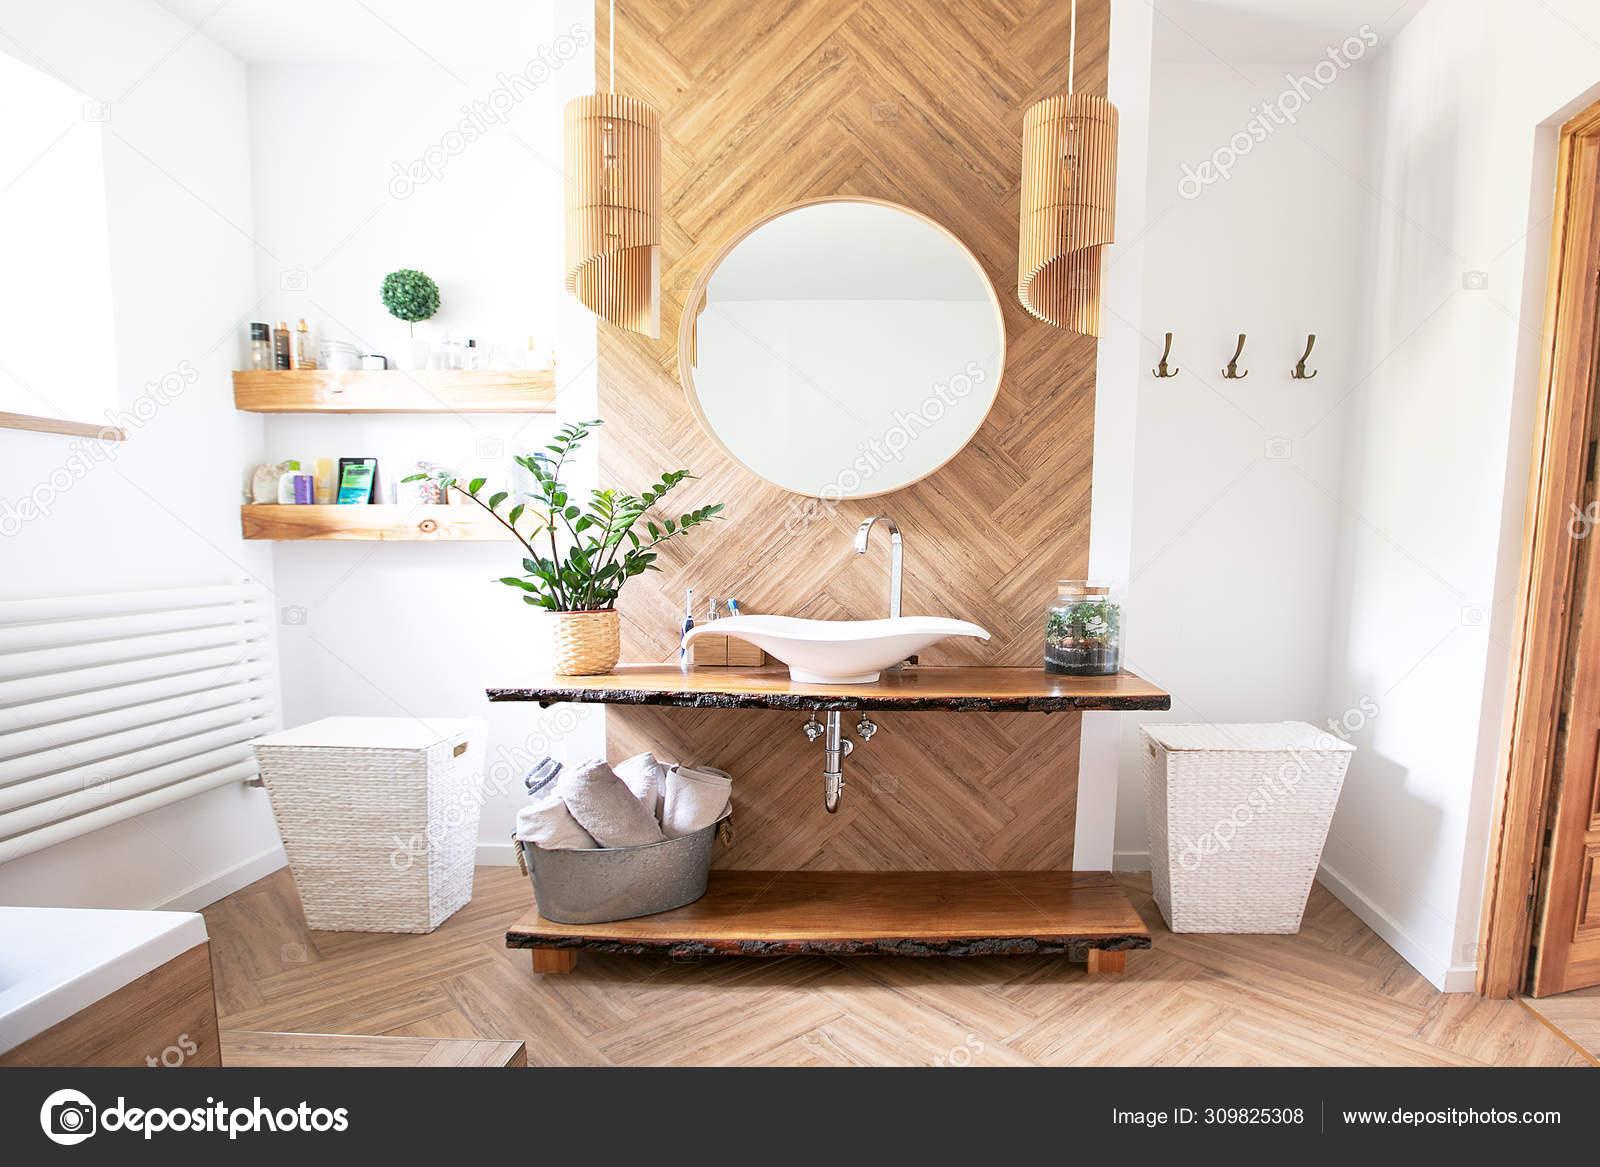 Boho Stil Badezimmer Interieur.   Stockfotografie lizenzfreie ...